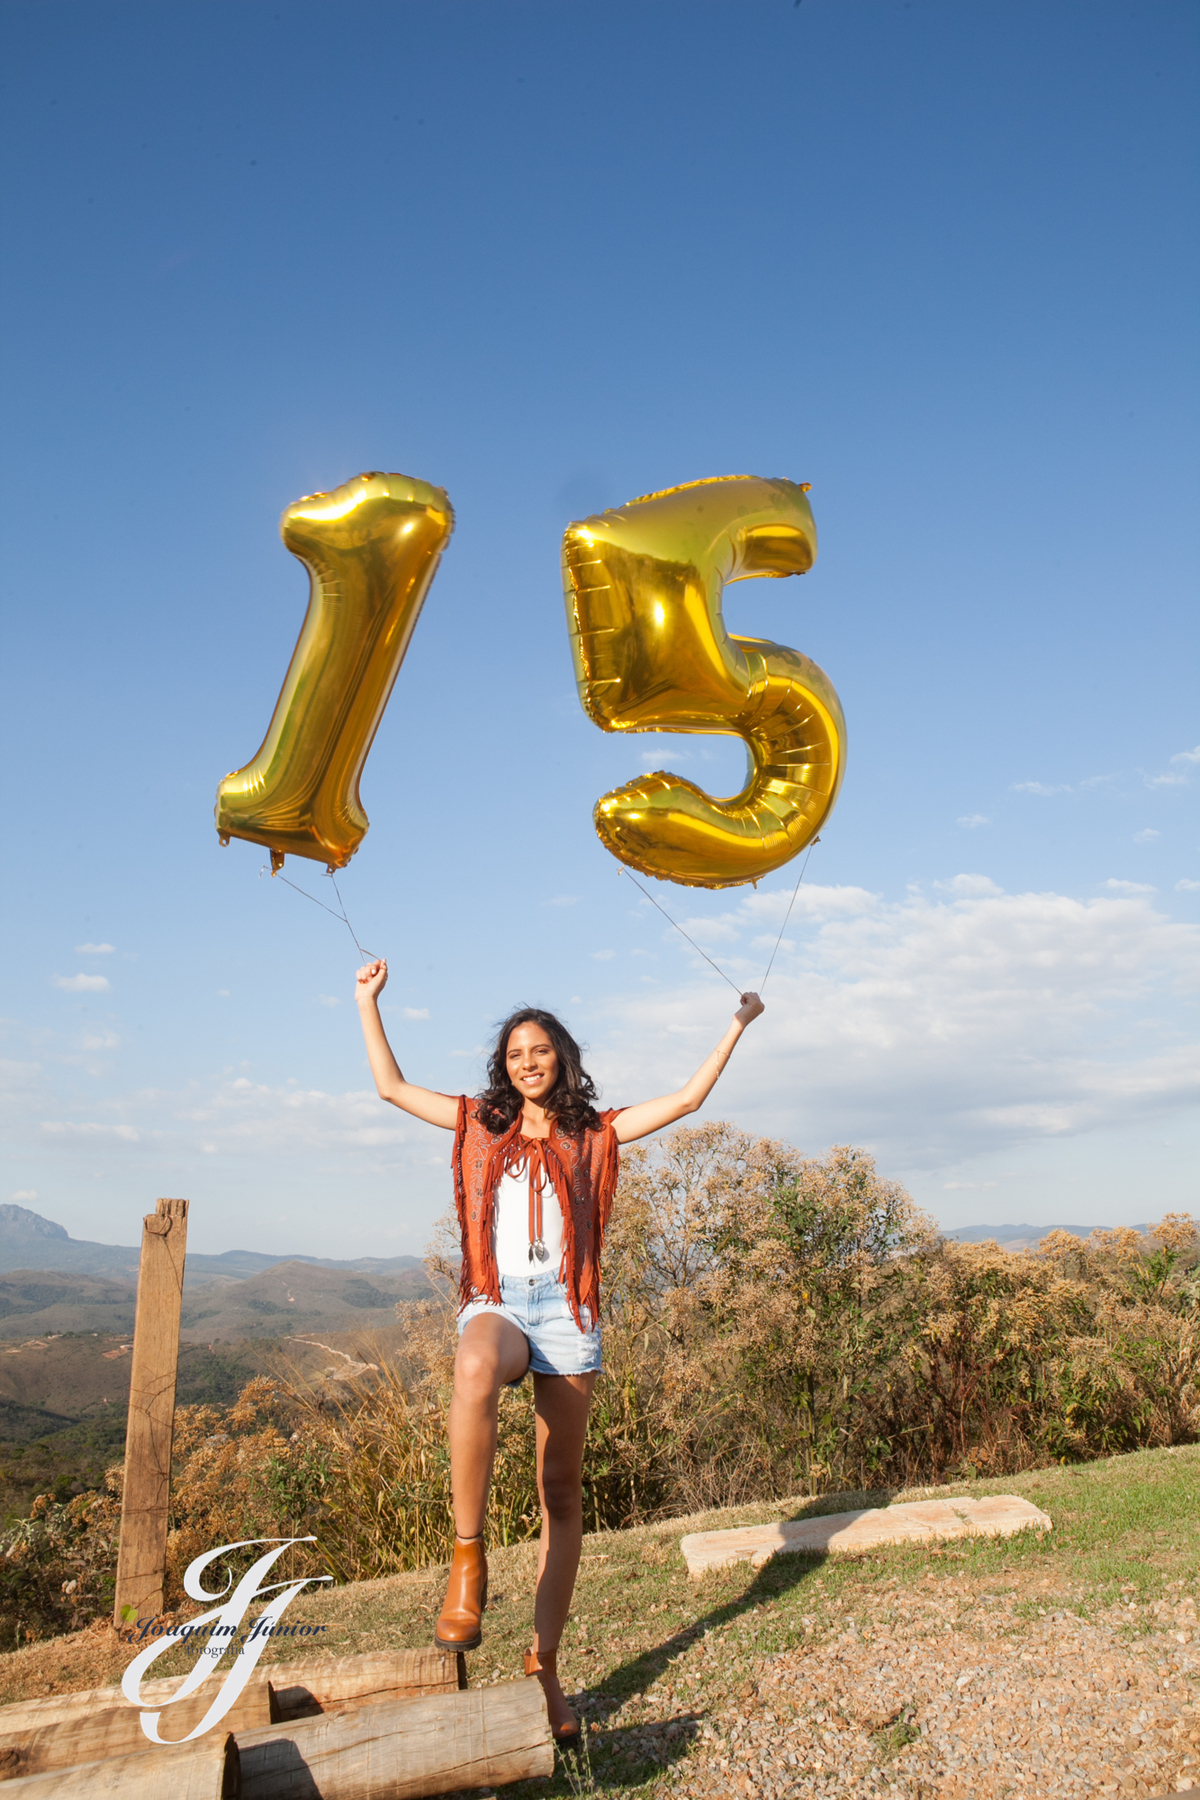 Joaquim Junior, Joaquim Junior Fotografia, Foto Cecílio, Debutantes, Fotografia de 15 anos, Aniversário de 15 Anos, Fotógrafo de debutantes, Debutantes em BH, Debutantes em Sabará, Debutantes BH, Debutantes Sabará, 15 Anos, Laura Vieira Cândido 15 Anos